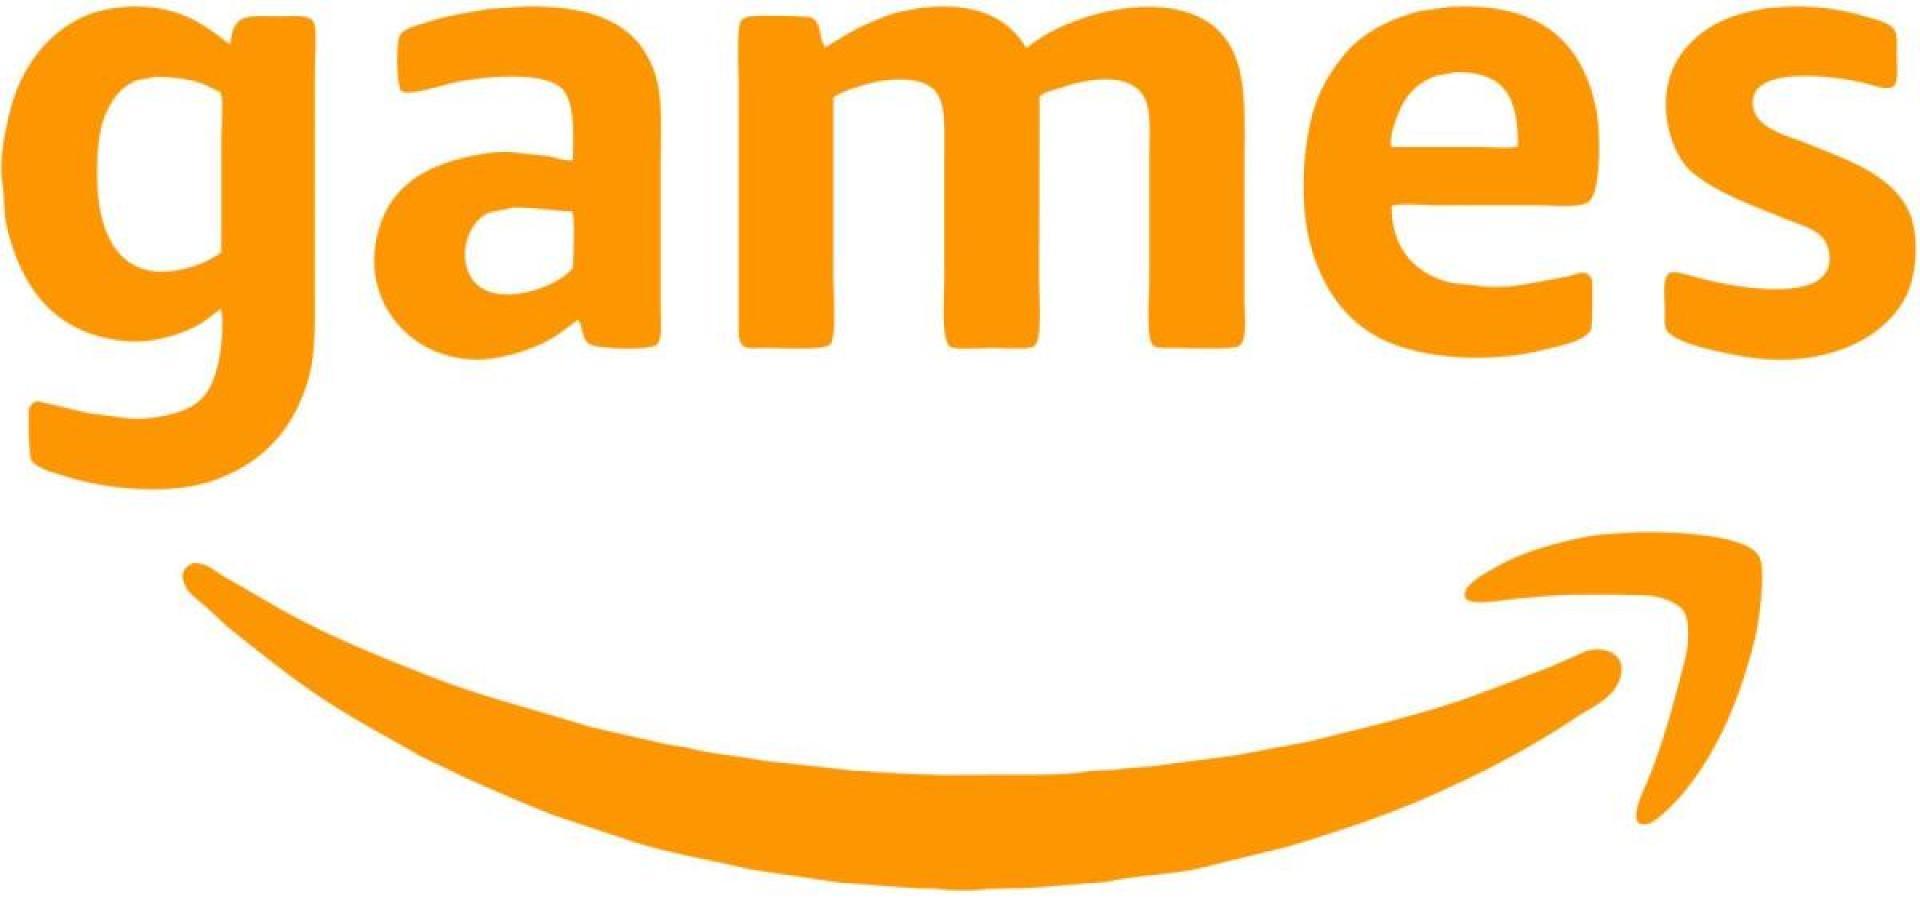 Amazon初のPvPとPvEが融合したMOBA+TPSチームシューター「Crucible(クルーシブル)」先行プレイレビュー、基本プレイ無料で5月21日午前4時にSteamで配信